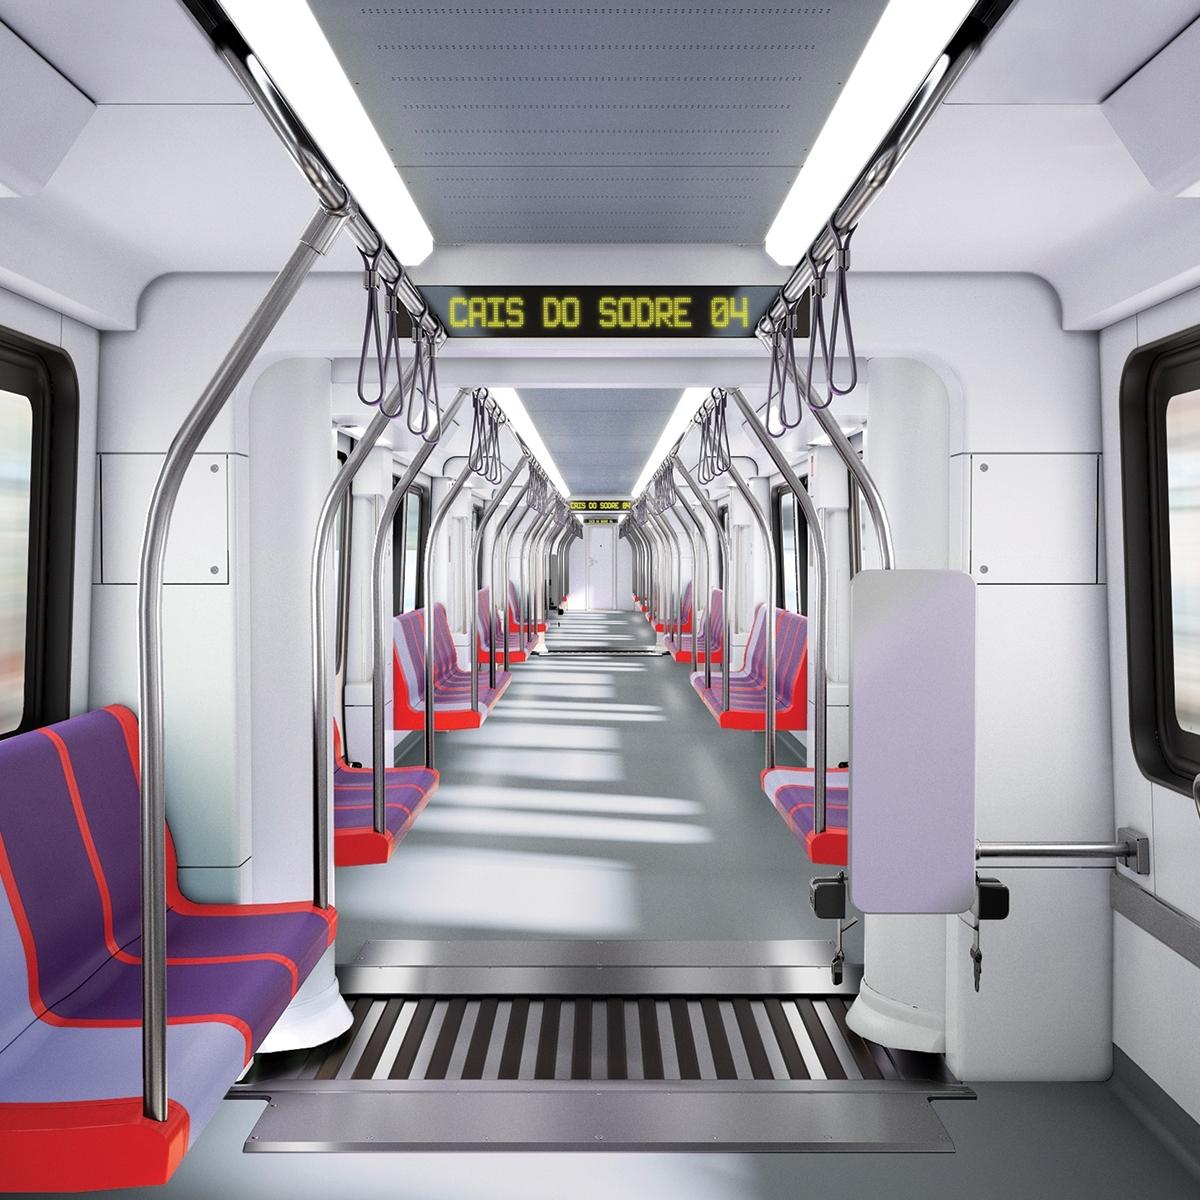 Metropolitano de Lisboa assina contrato para a modernização da rede